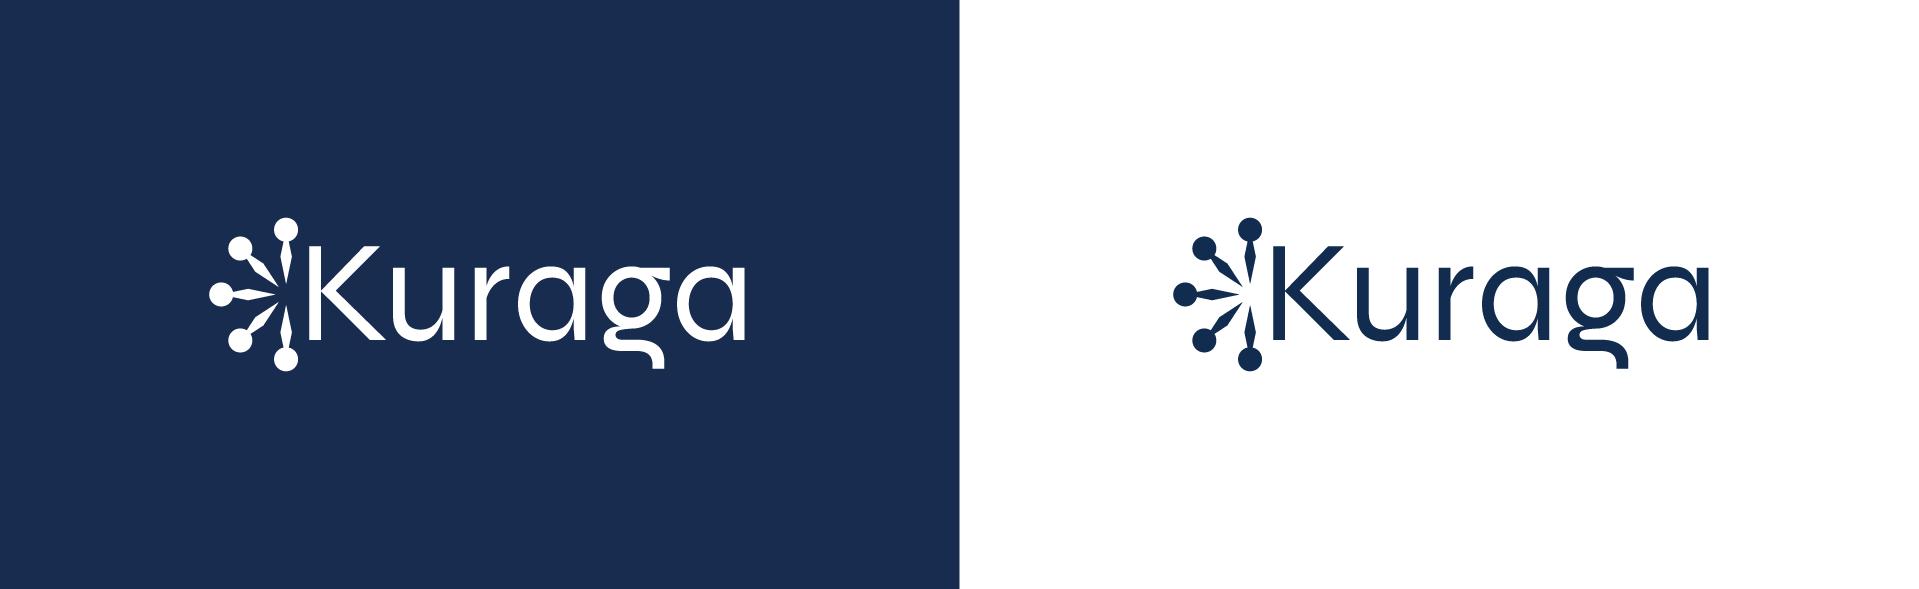 Logo Kuraga - wit en donkerblauw - branding door ILUZIE